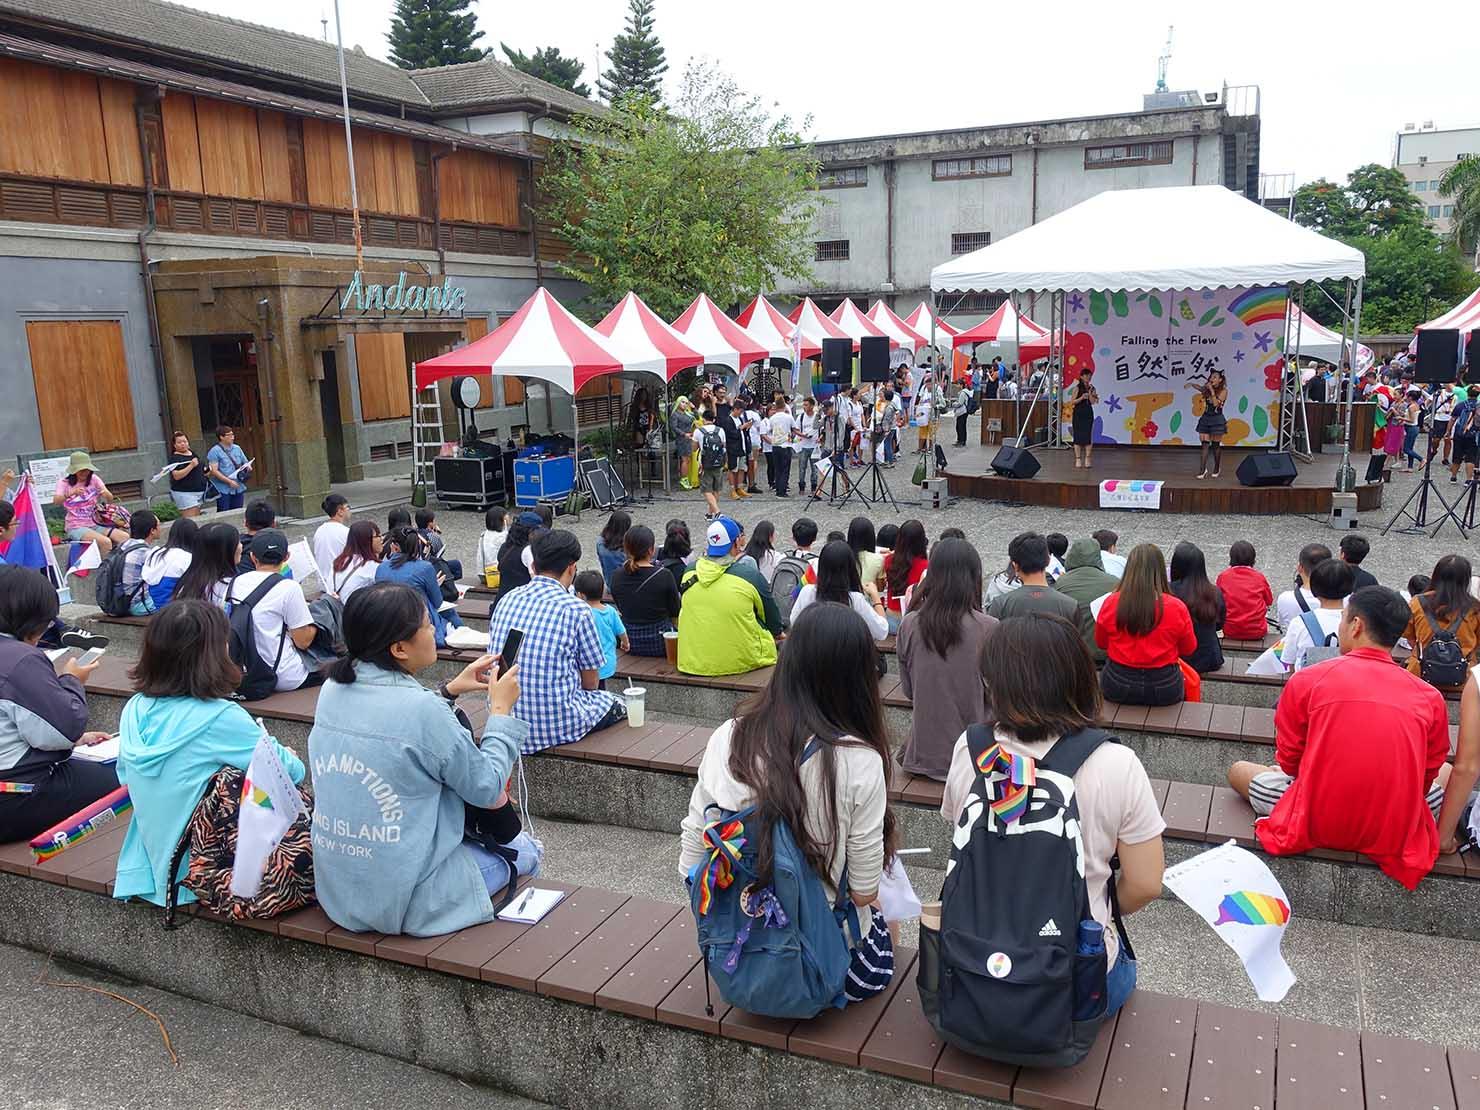 花東彩虹嘉年華(台湾東部LGBTプライド / 花蓮場)の集合場所・花蓮文創園區に集まる参加者たち